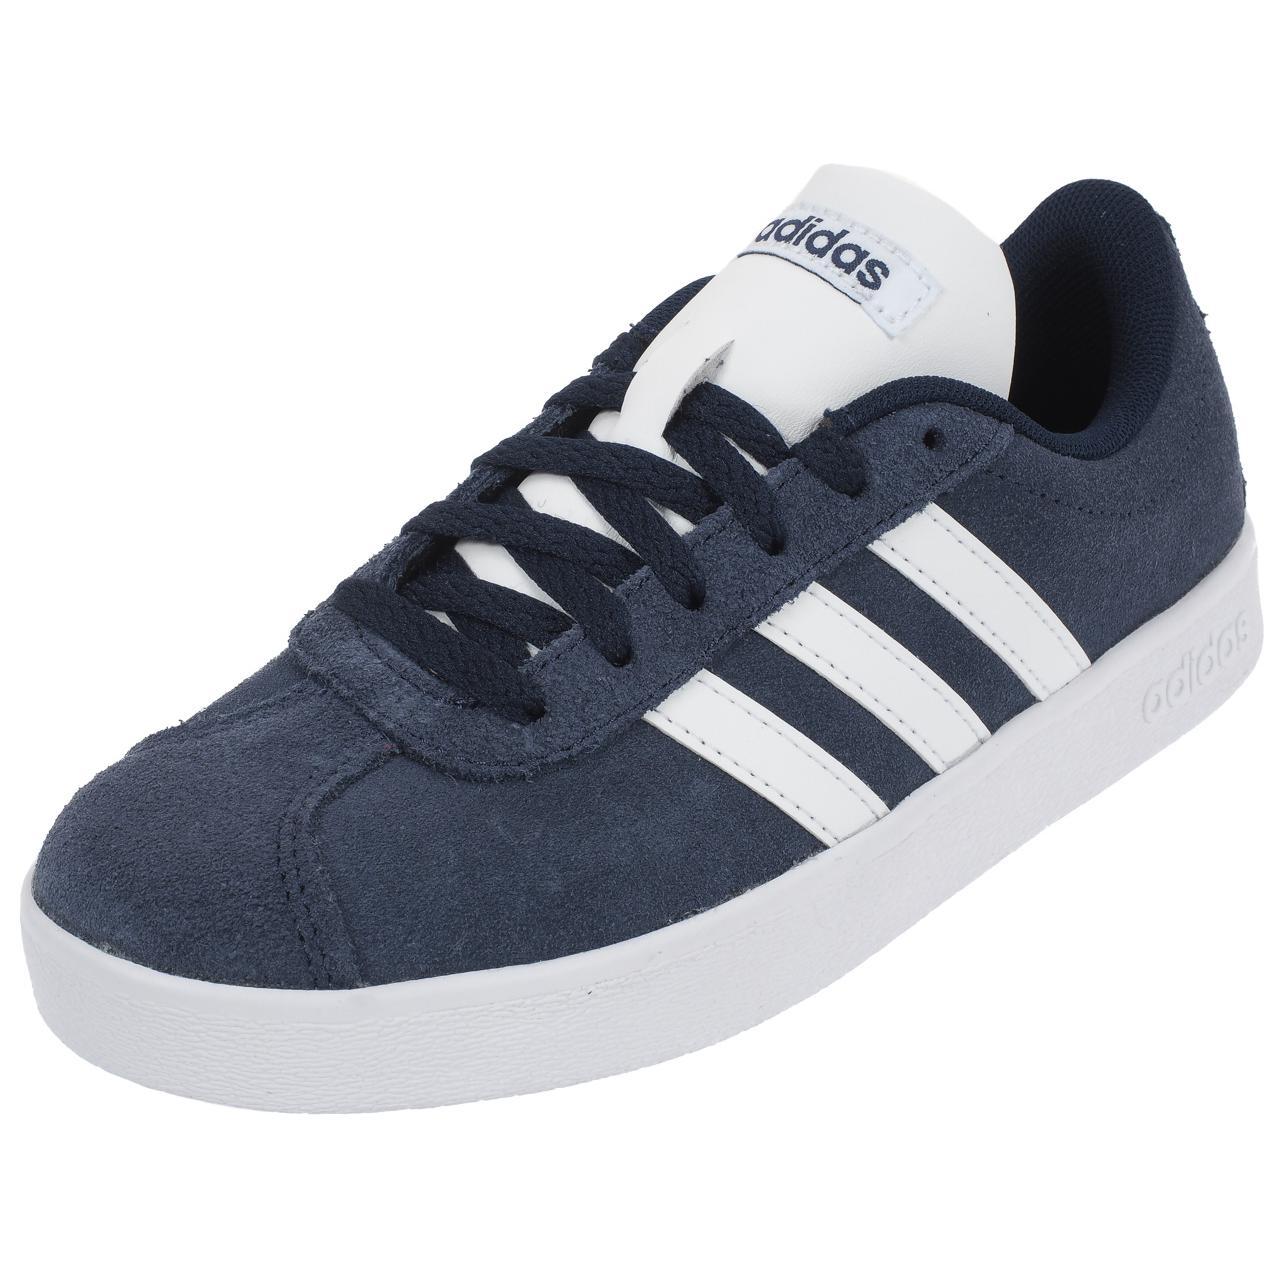 CHAUSSURES MODE VILLE Adidas neo Vl court 2.0 marine Bleu 76648 ...